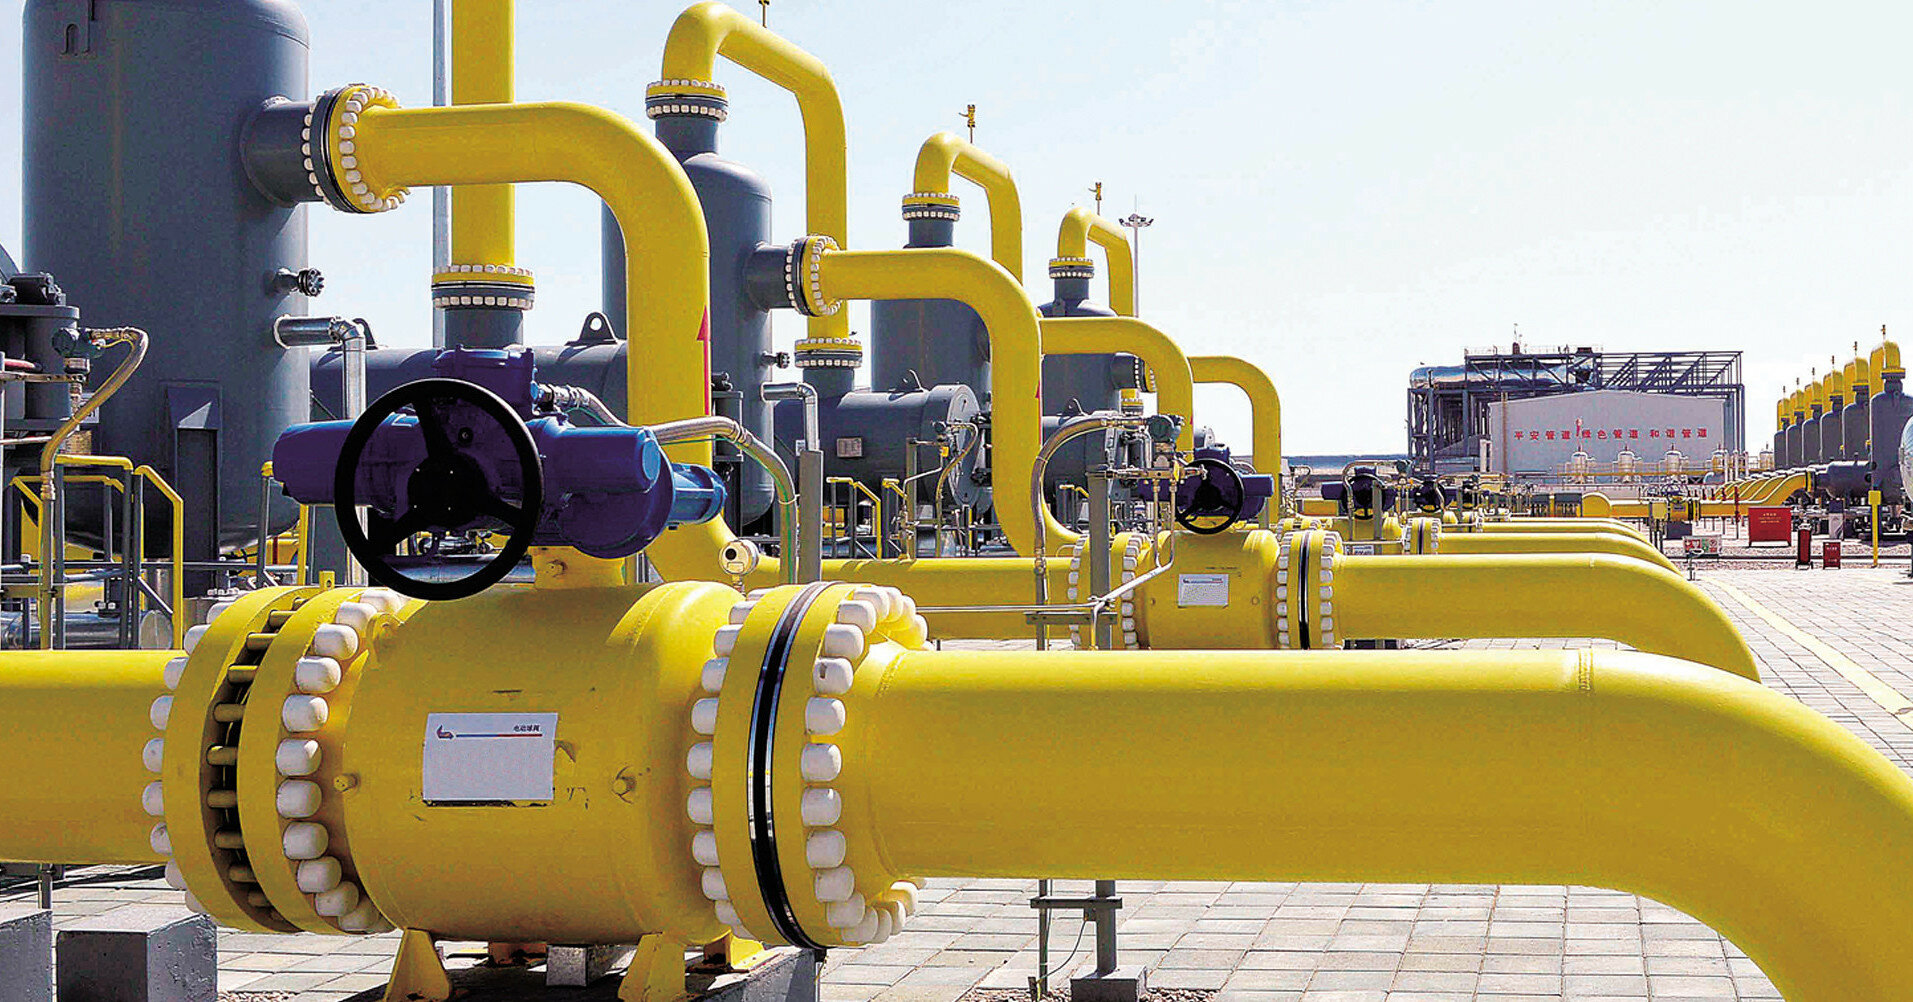 Газпром выкупил дополнительные мощности для транзита газа Украиной